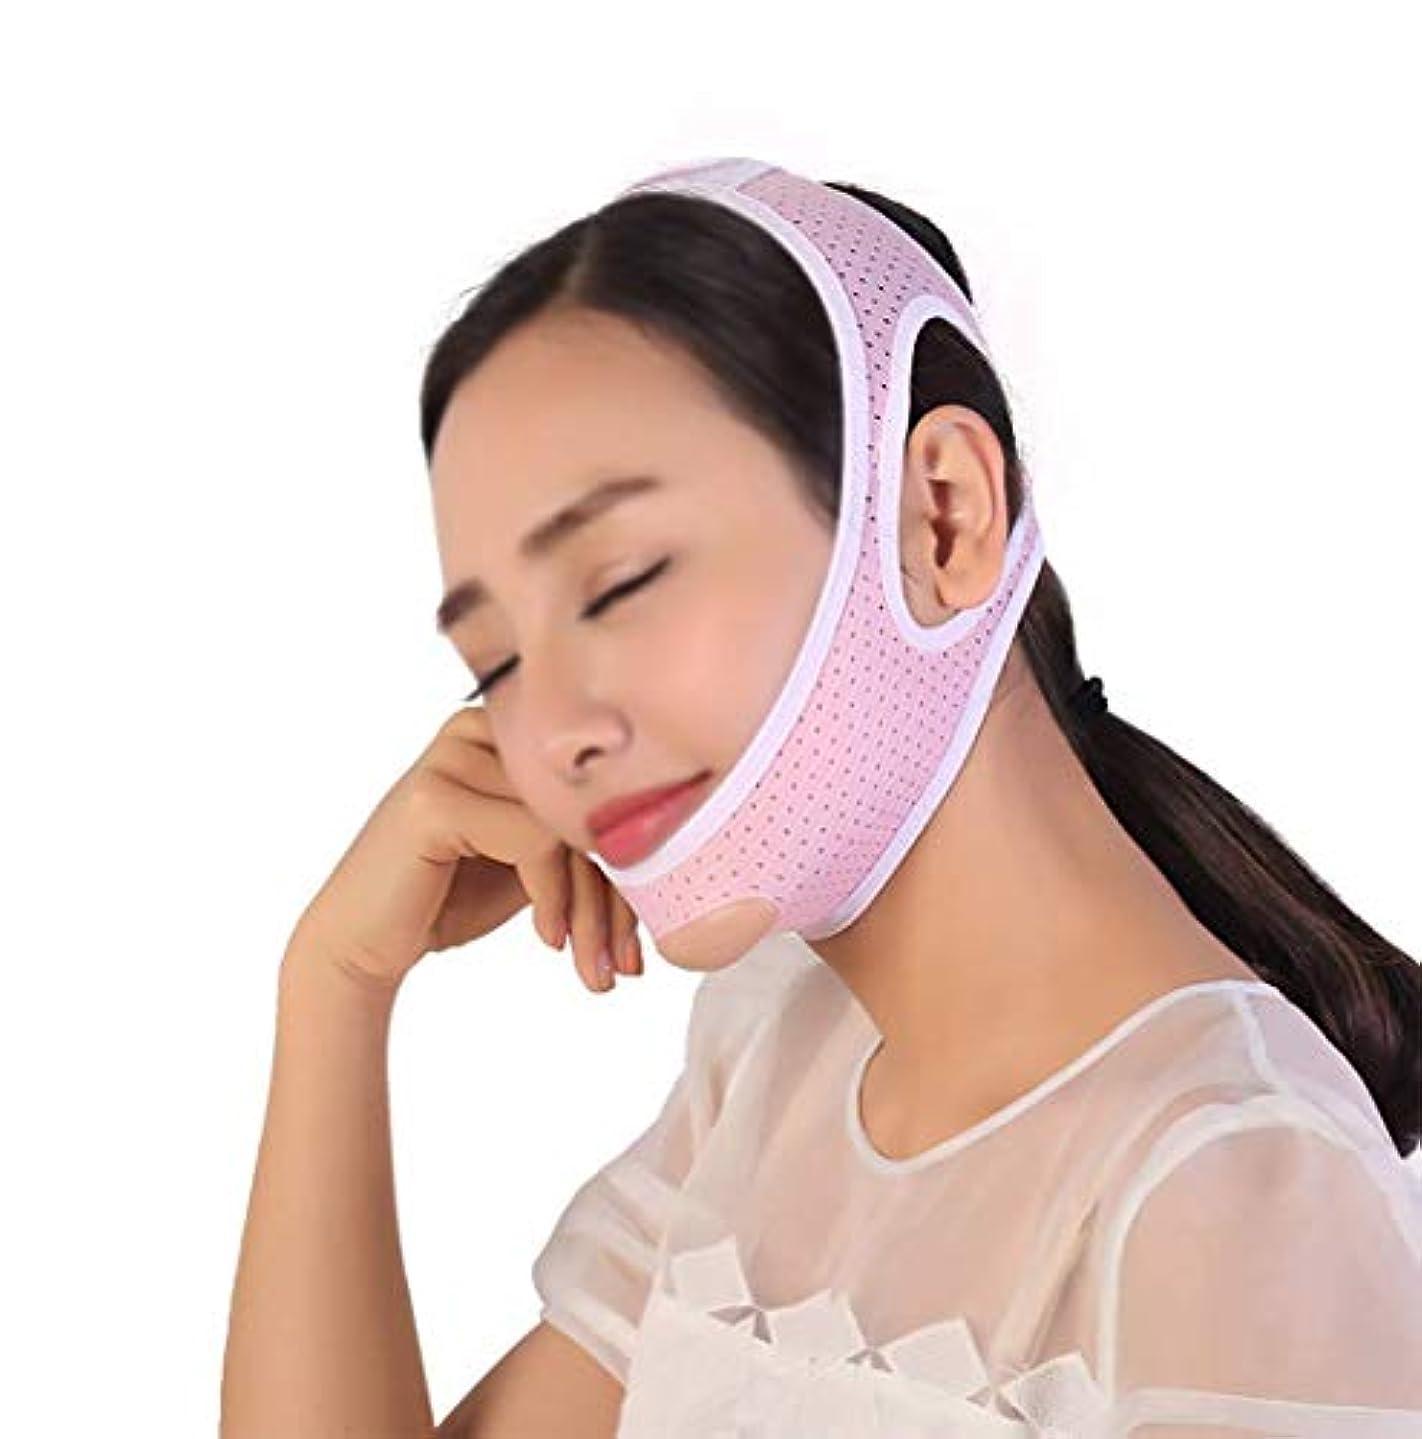 とティーム珍しい実験的フェイスリフトフェイシャル、肌のリラクゼーションを防ぐためのタイトなVフェイスマスクVフェイスアーティファクトフェイスリフトバンデージフェイスケア(サイズ:M)